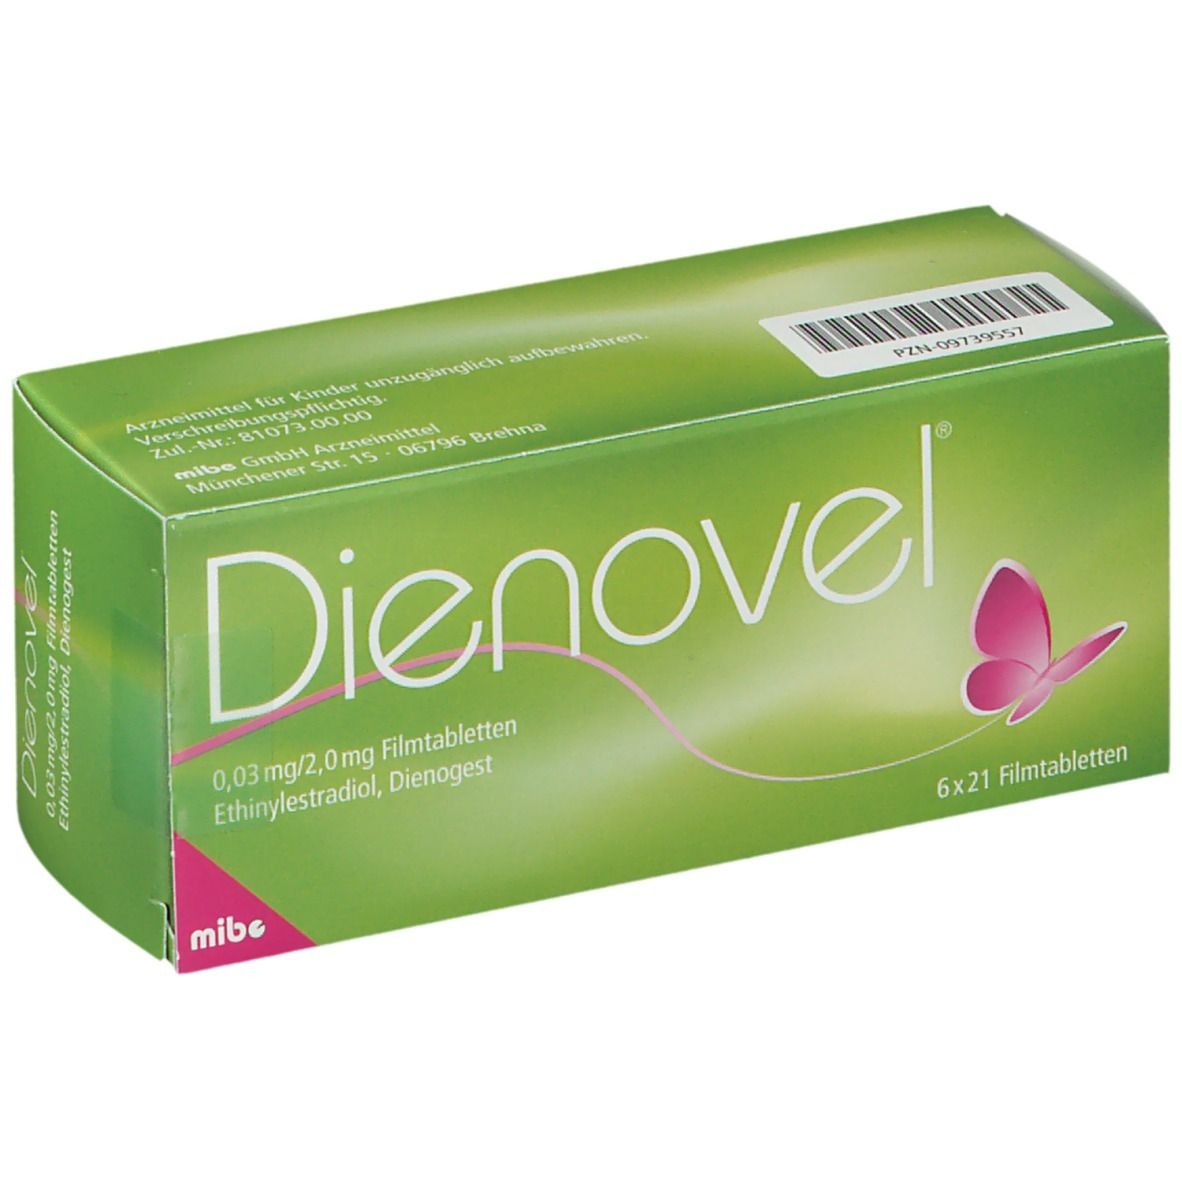 Antibabypille grüne verpackung